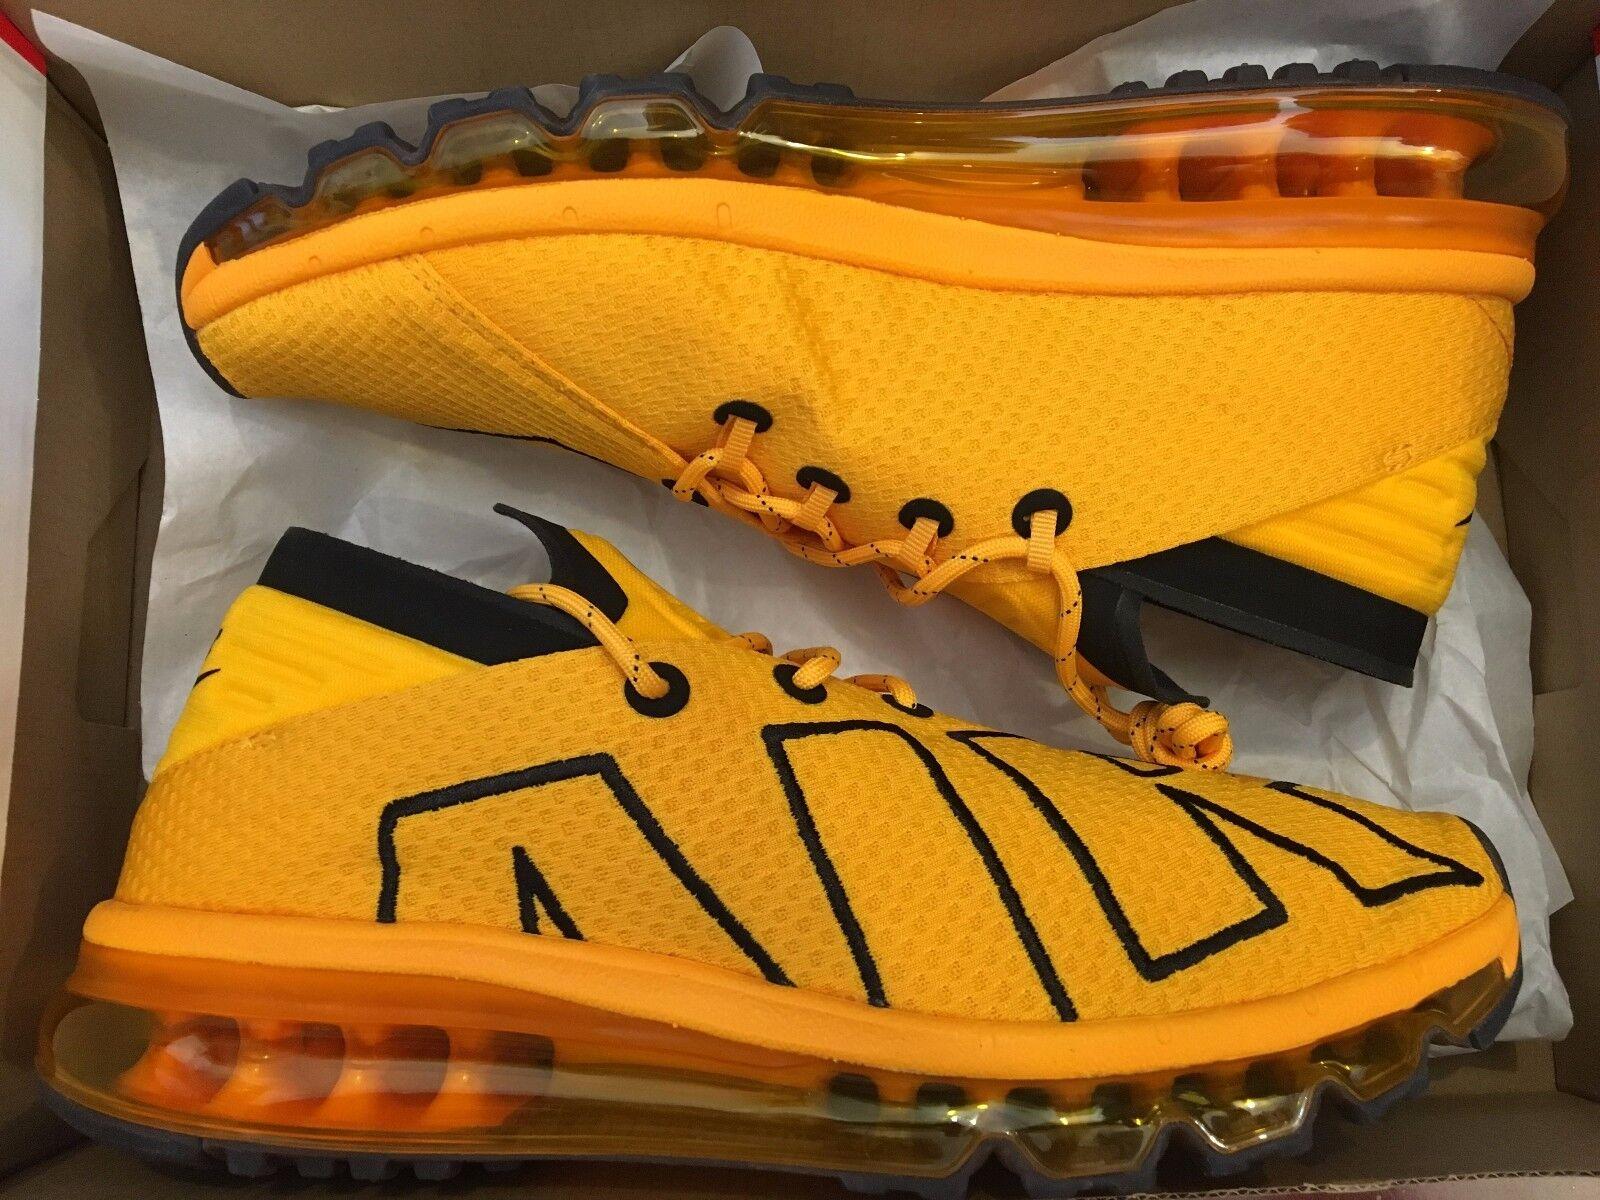 nouvelles nike air max flair or jaune limited 942236-700 942236-700 942236-700 chaussure de course les hommes de taille 8 94cf62